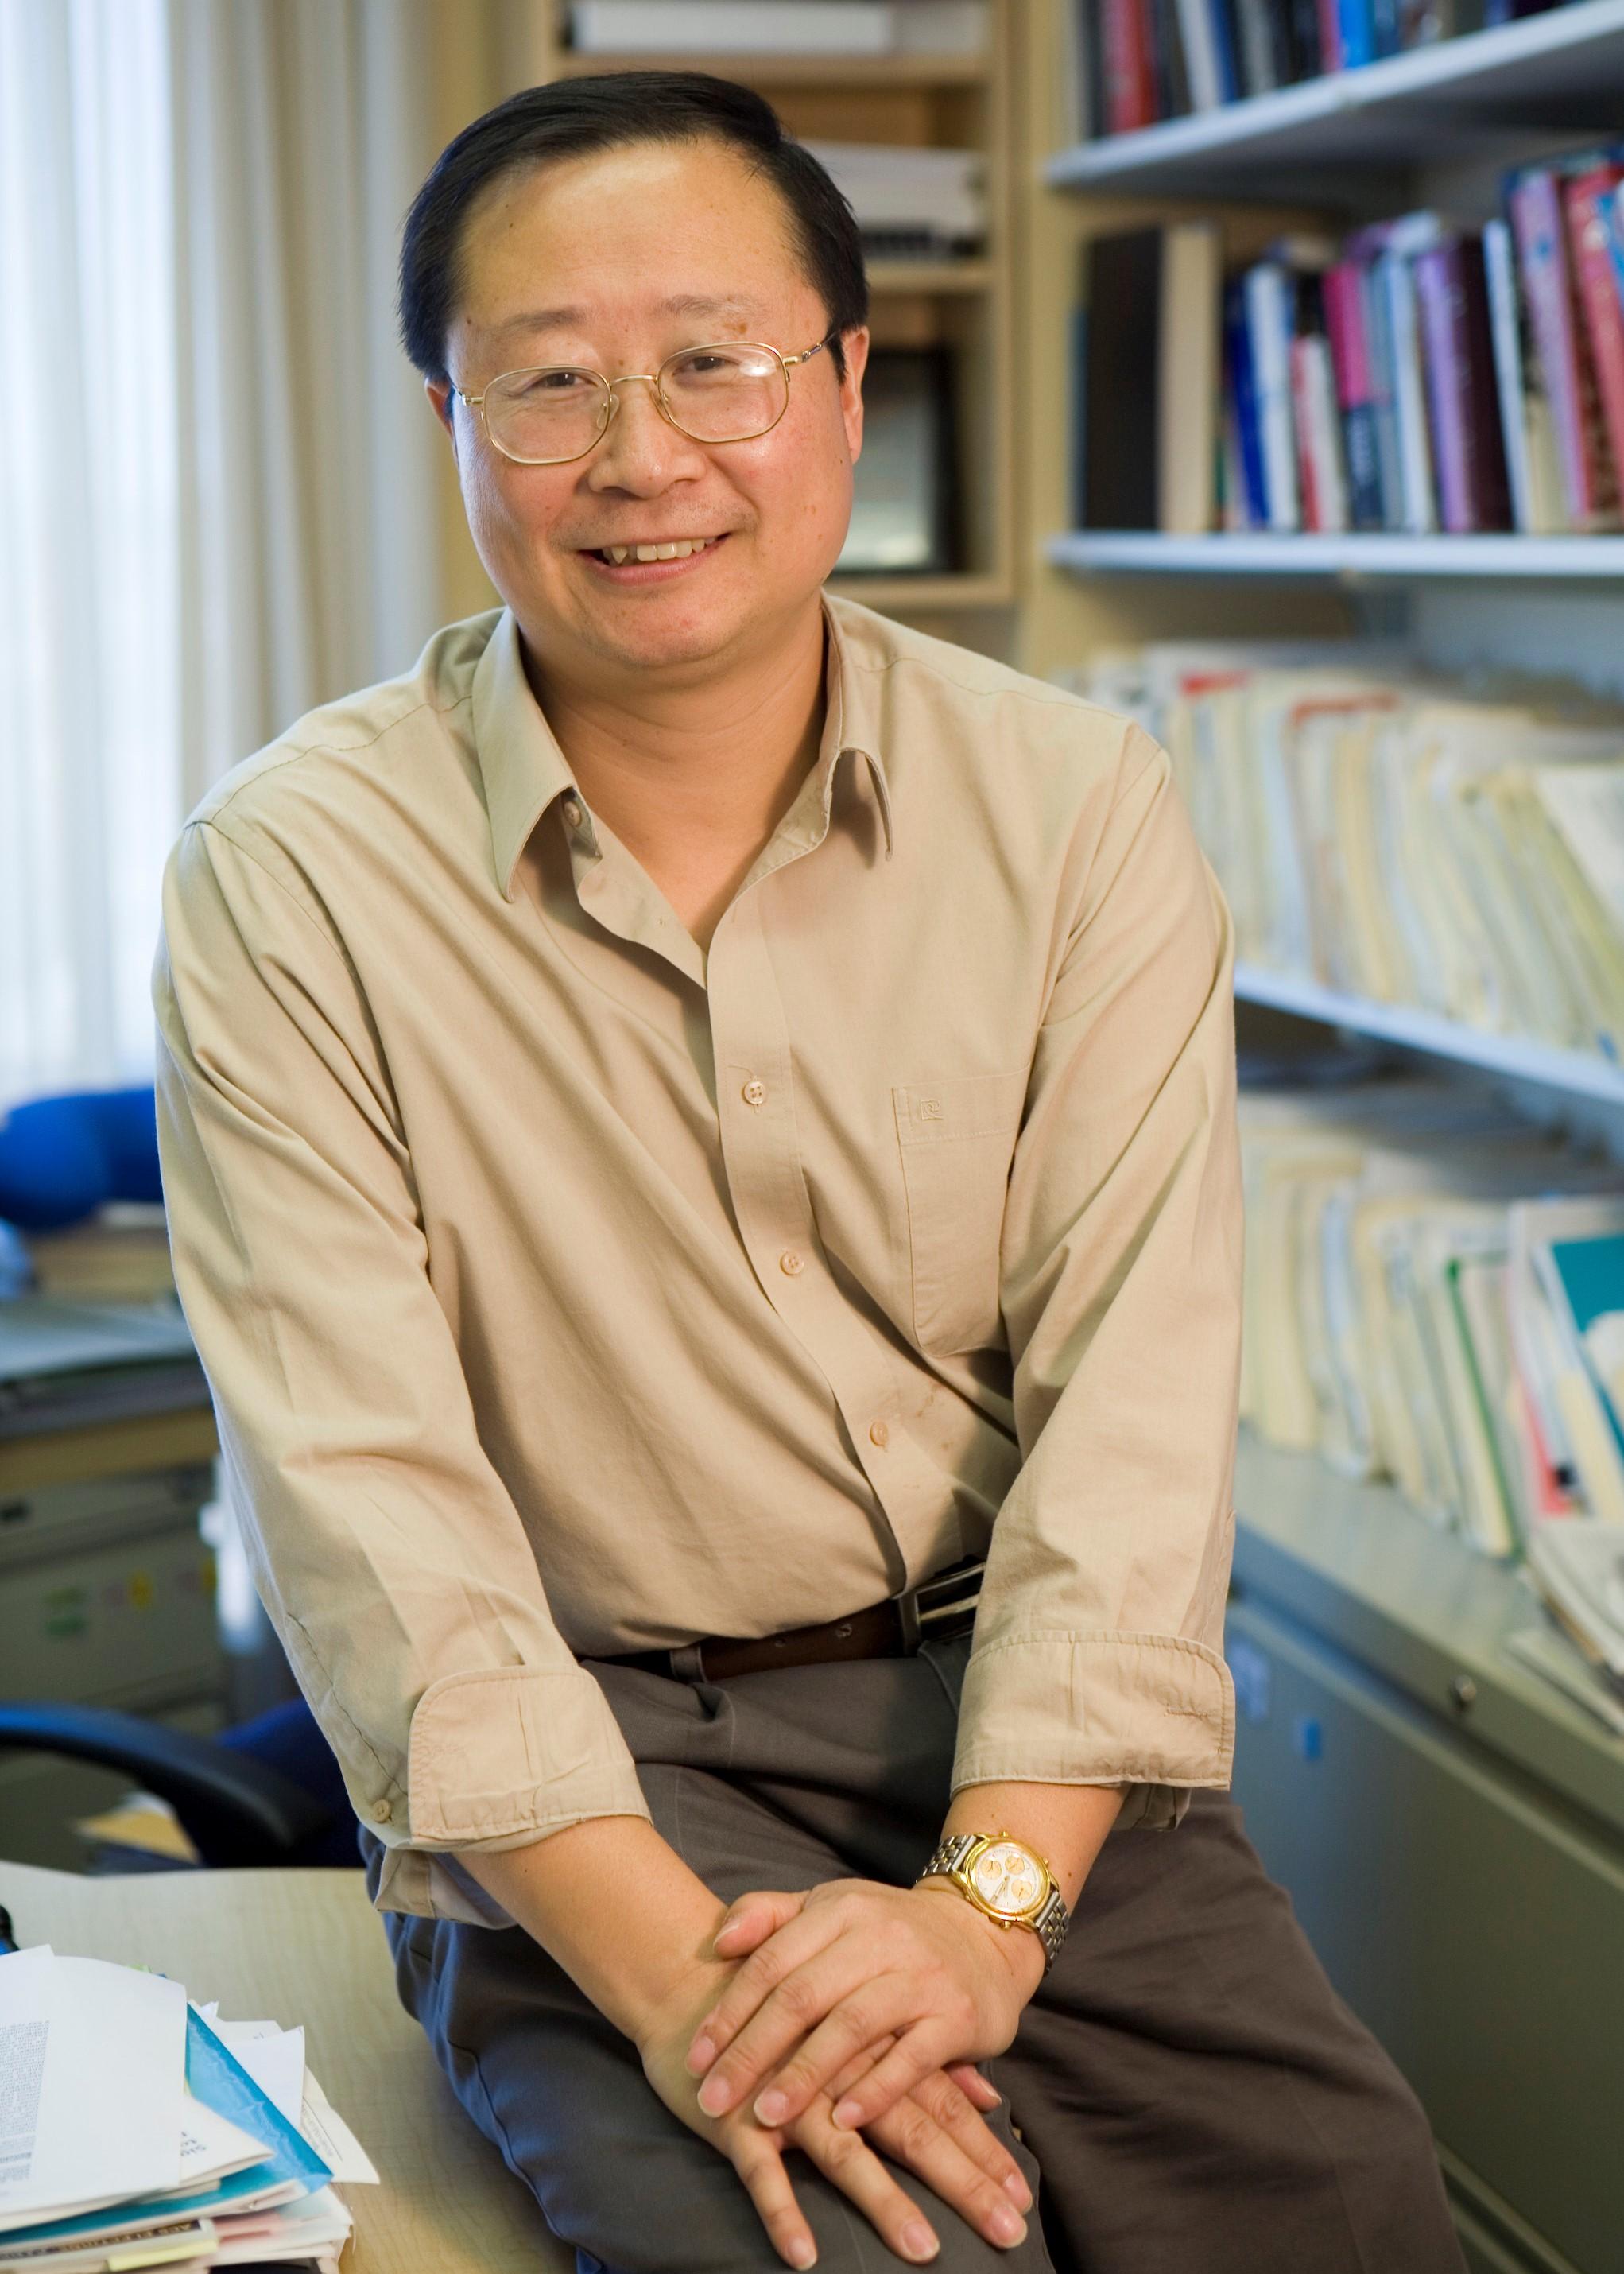 Jun O. Liu